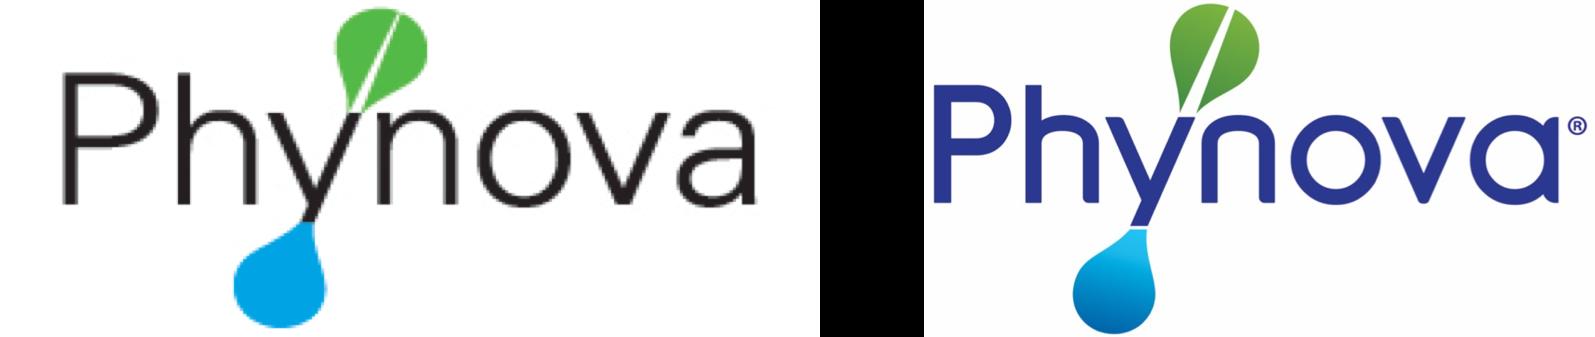 Logo to 2015                                                 Logo in 2016